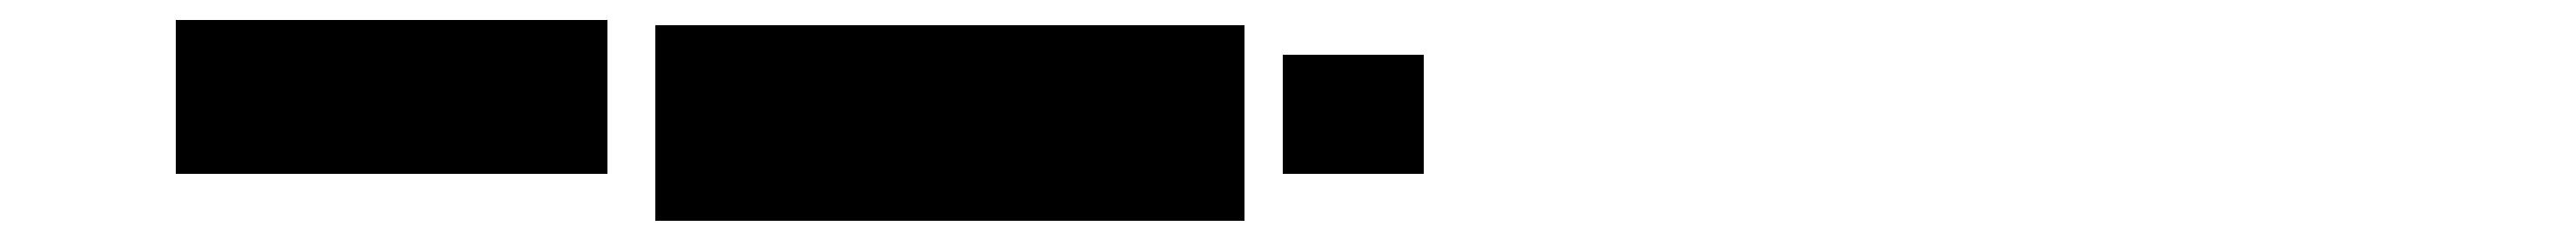 Typeface-Novel-Sans-F05-Atlas-Font-Foundry